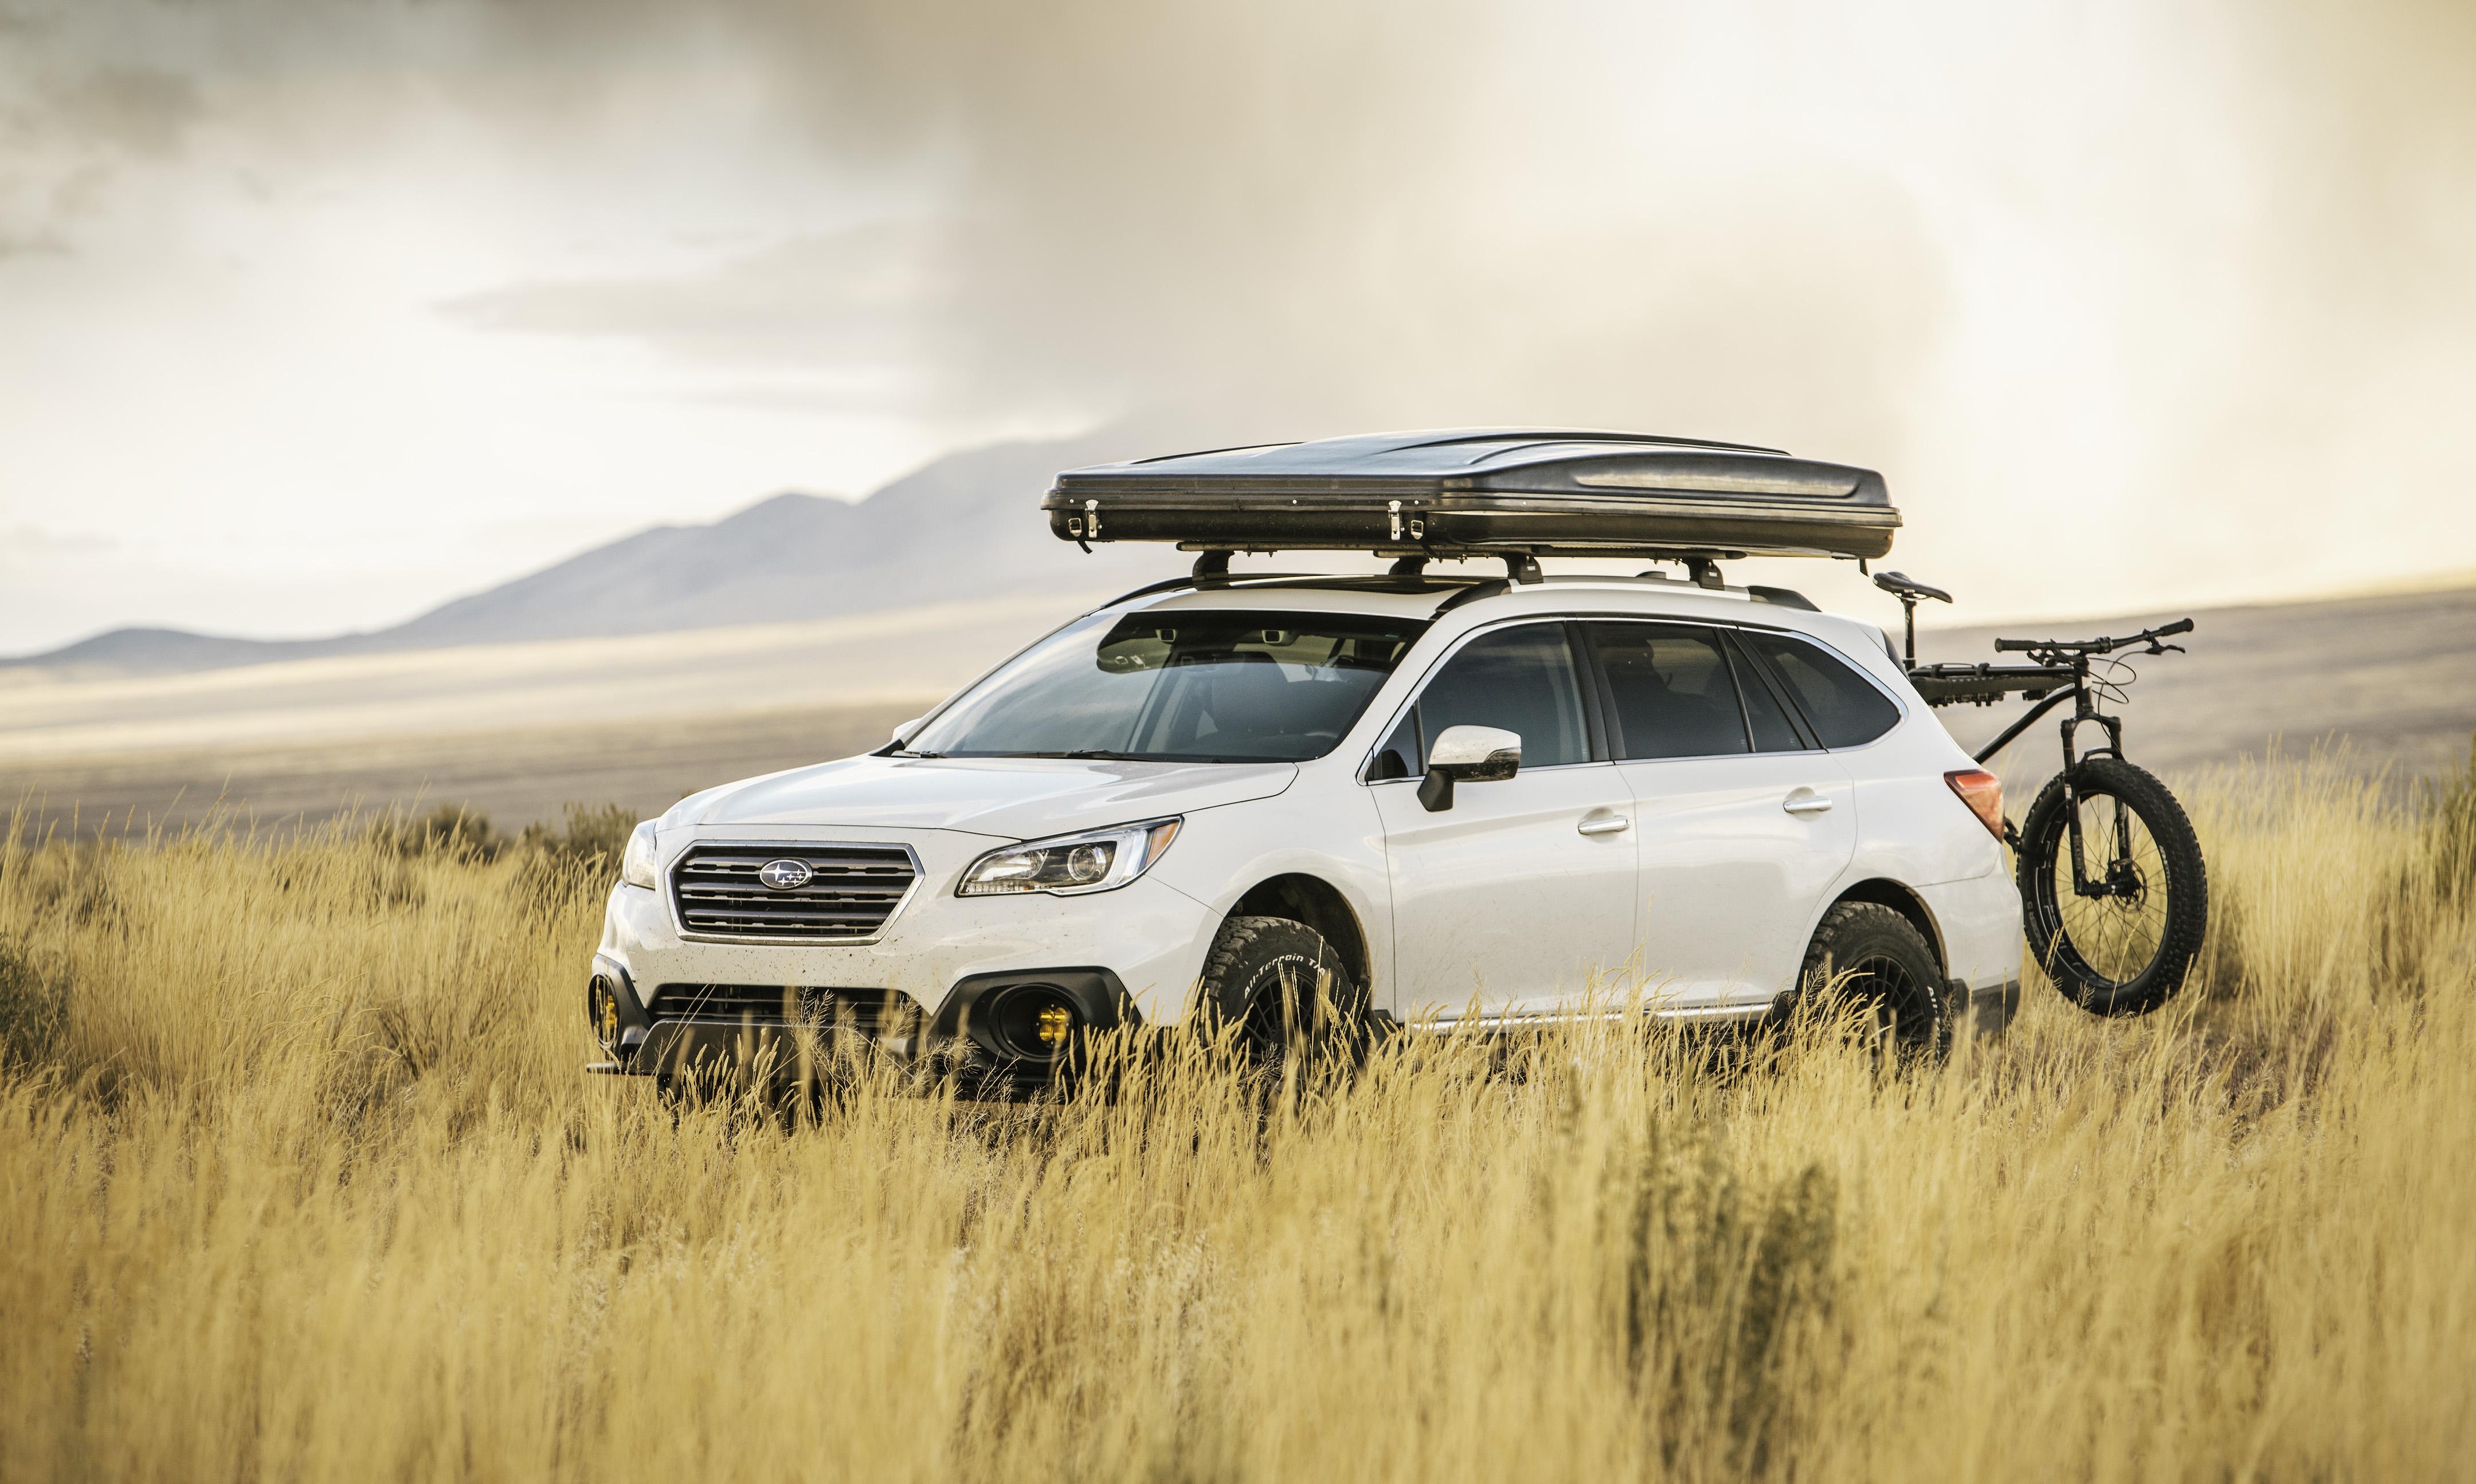 Subaru Outback Adventure Build | onsomeadventure | defconbrix